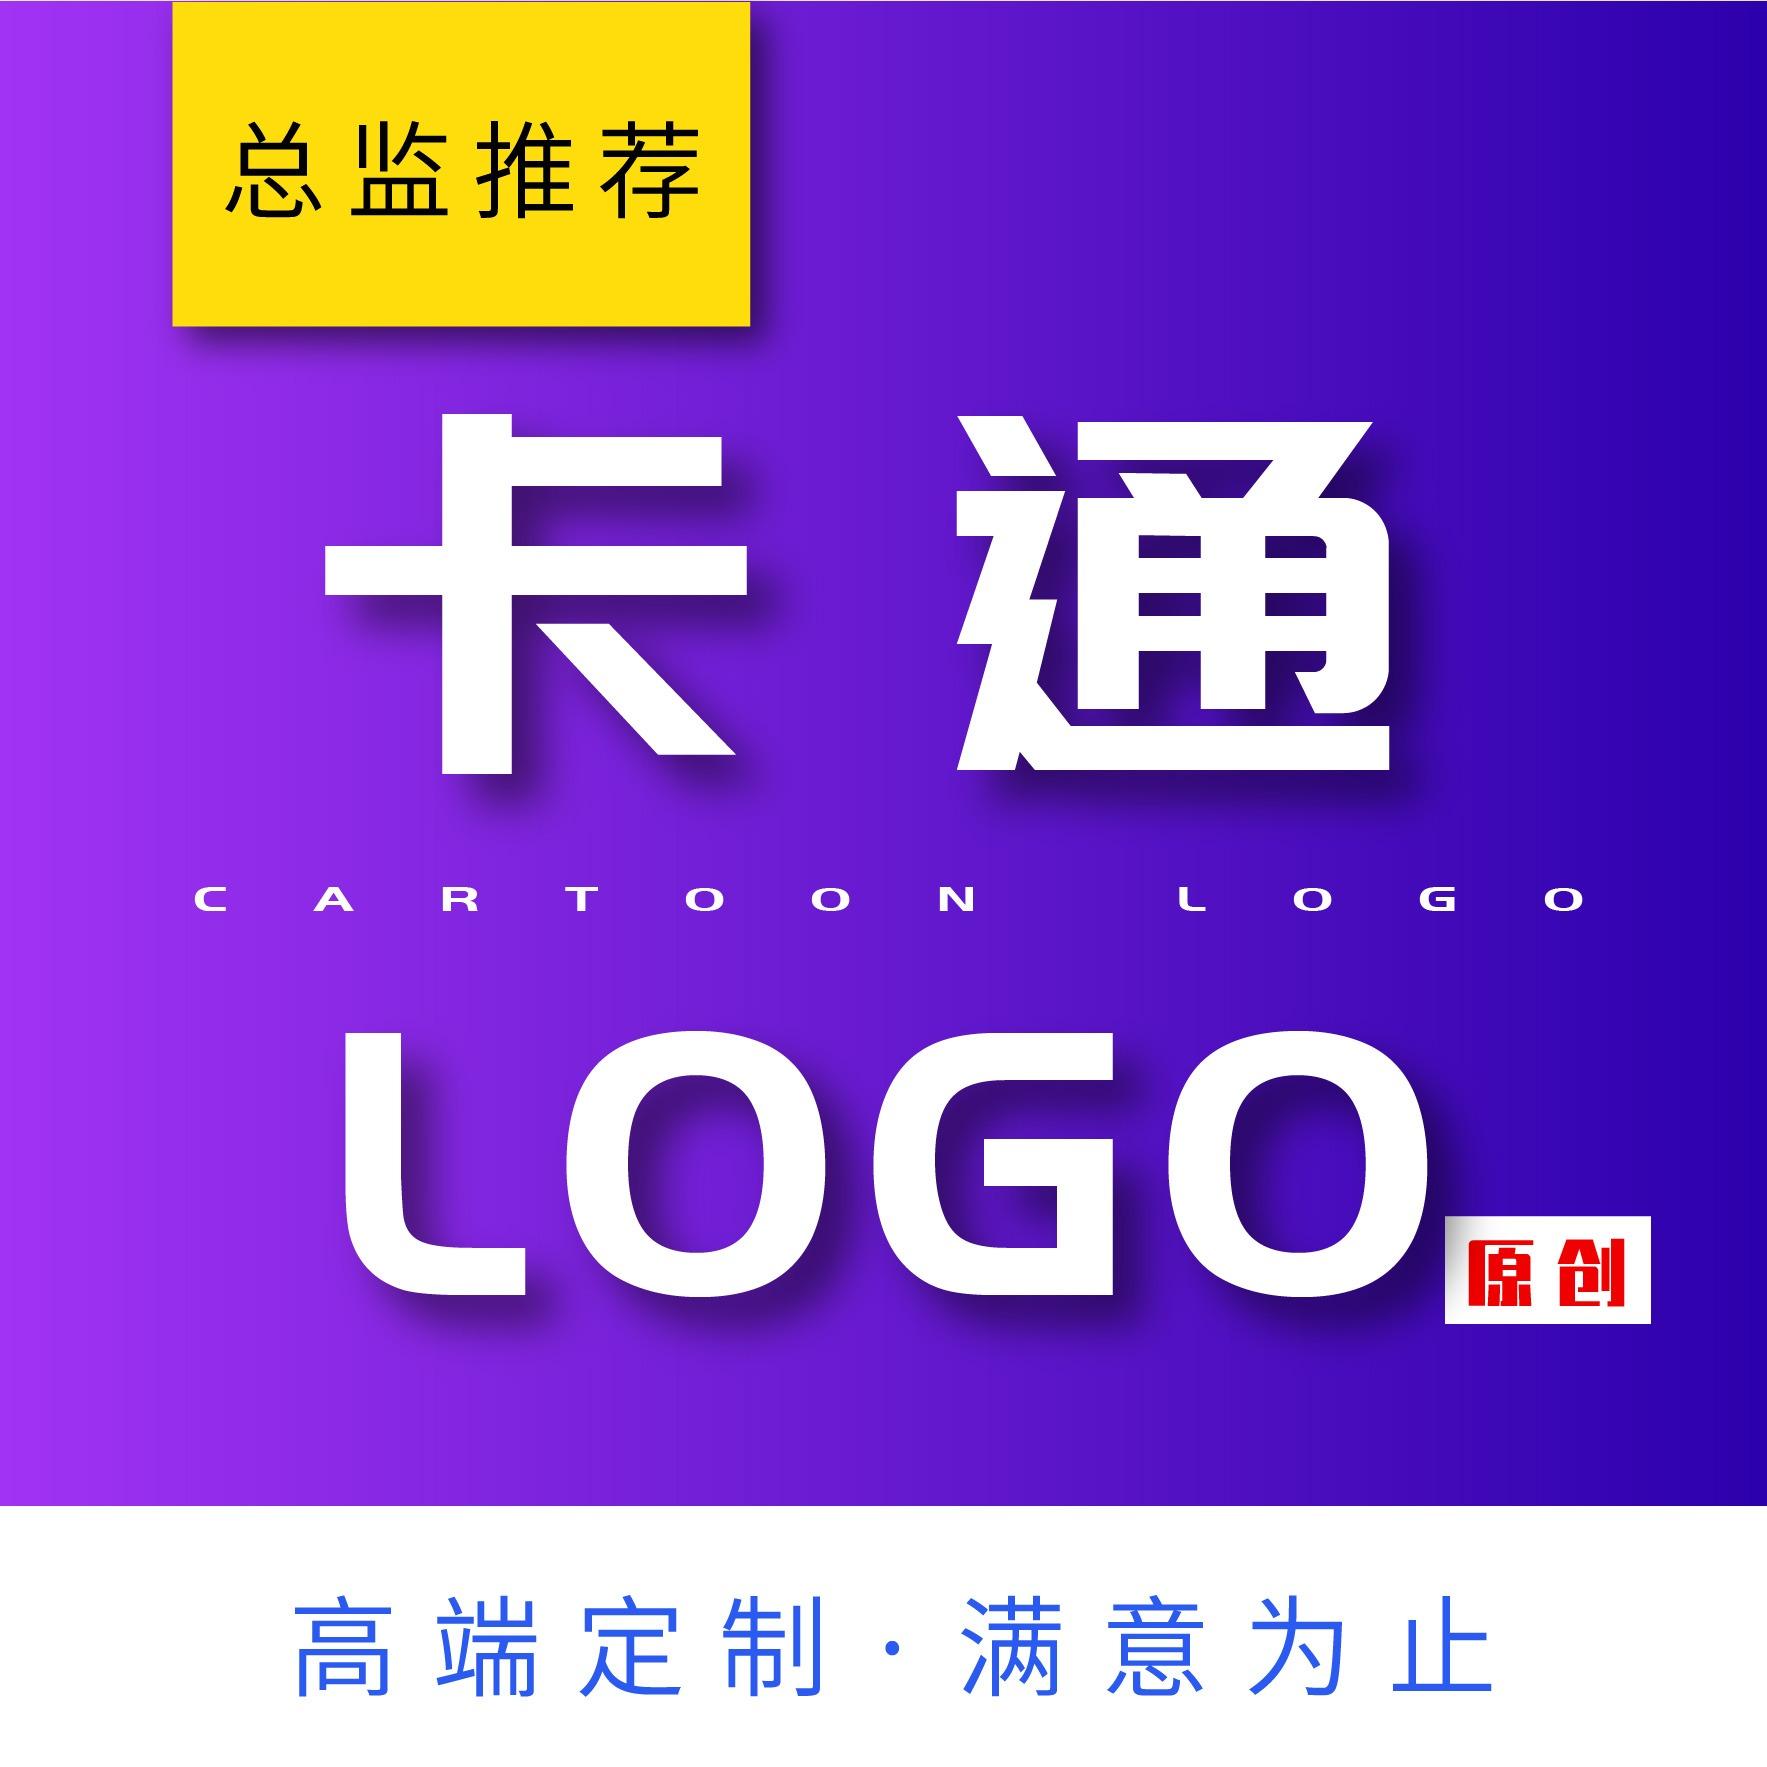 公司企业图标商标图文标签字体特价卡通品牌 logo 设计